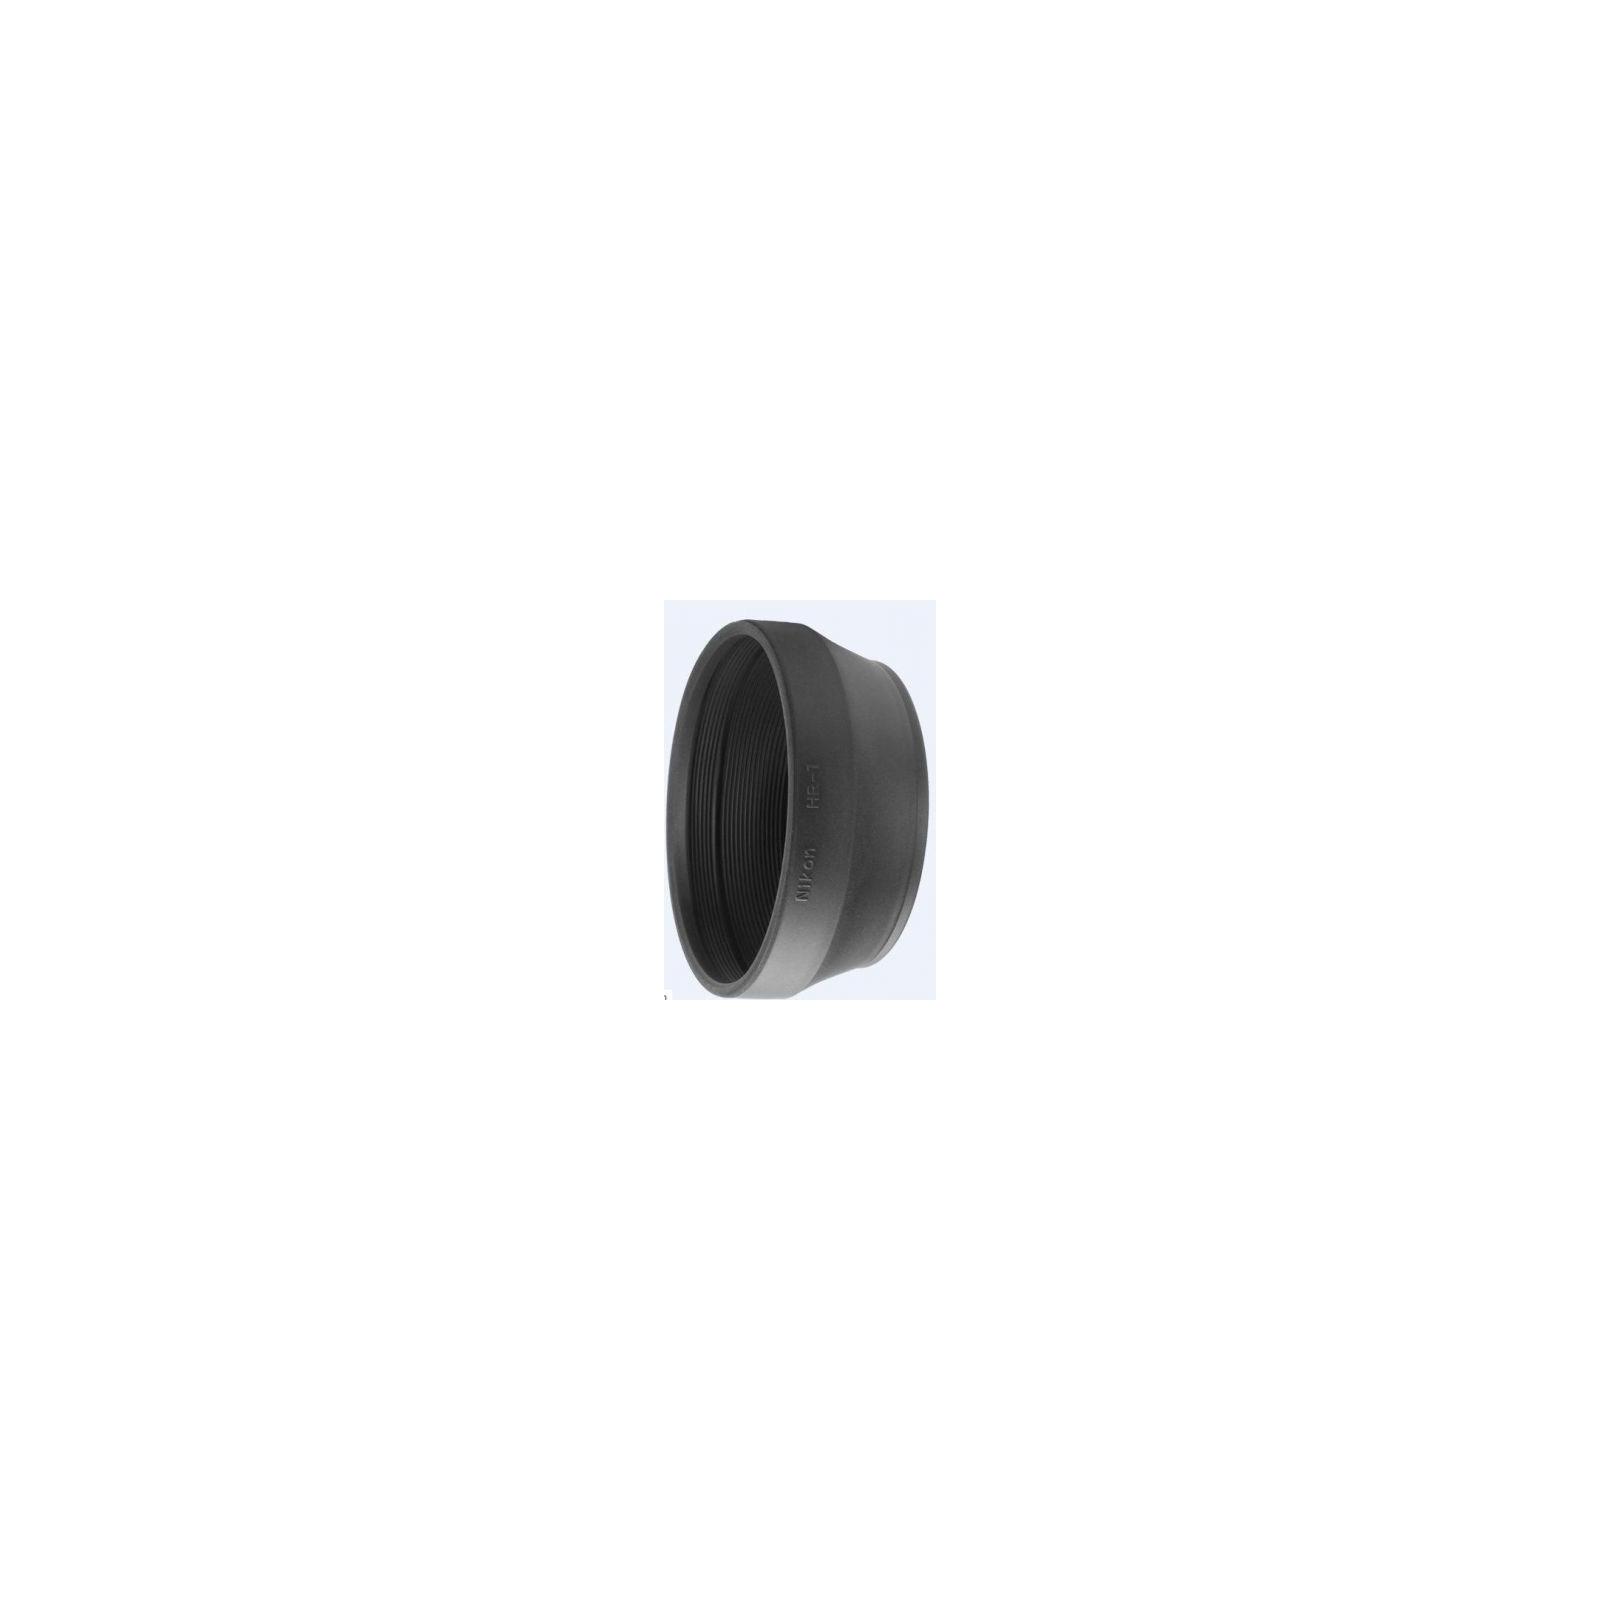 Бленда к объективу Nikon HR-1 (JAB31501)